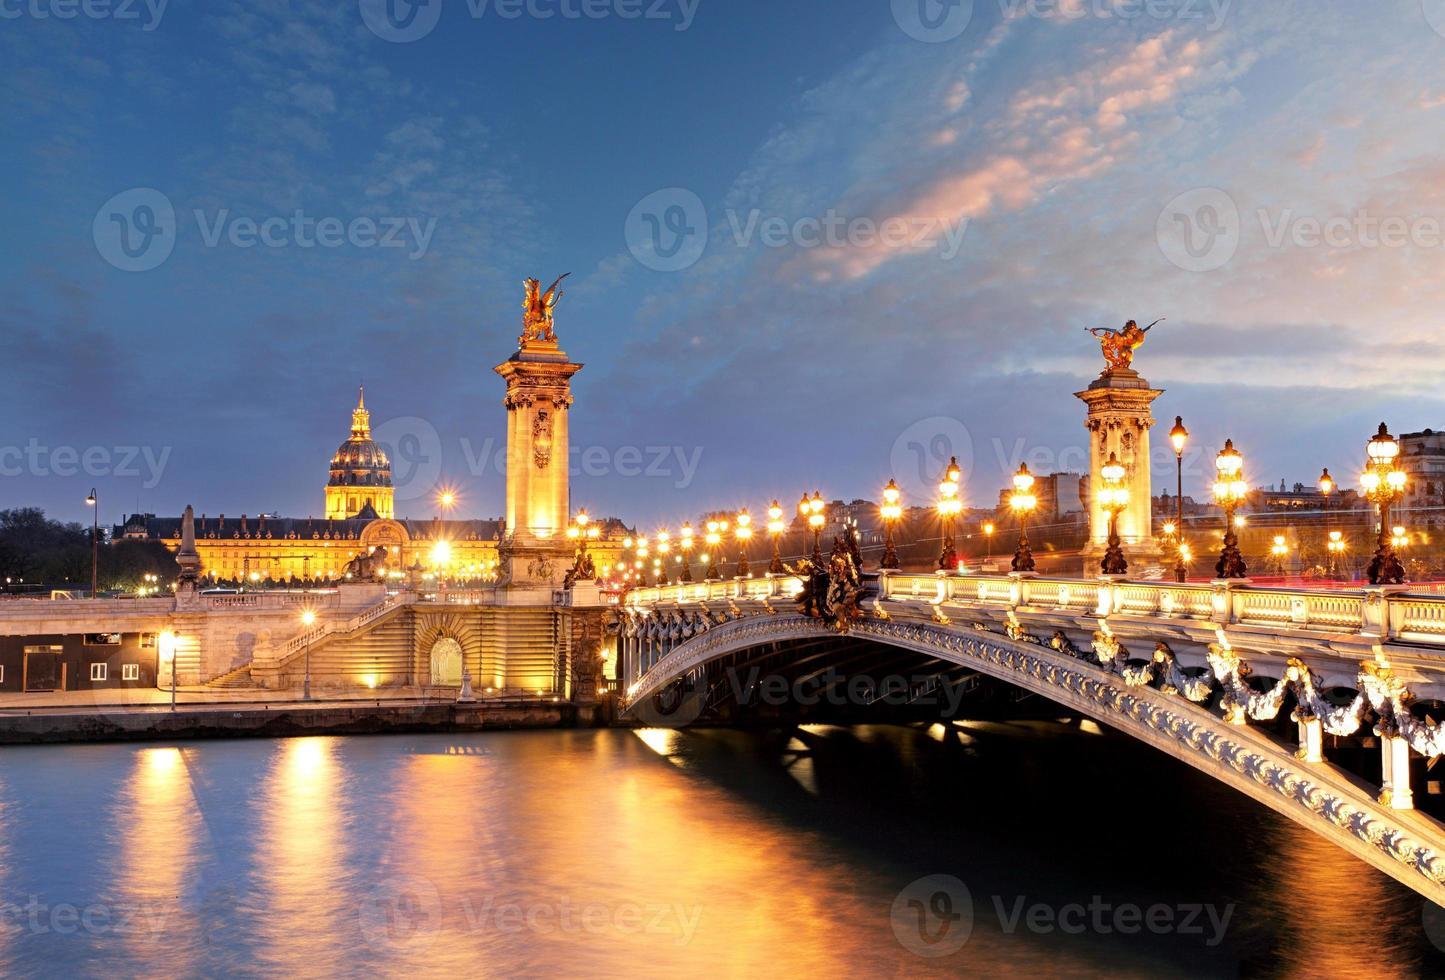 alexandre 3 bridge, paris, frankrijk foto